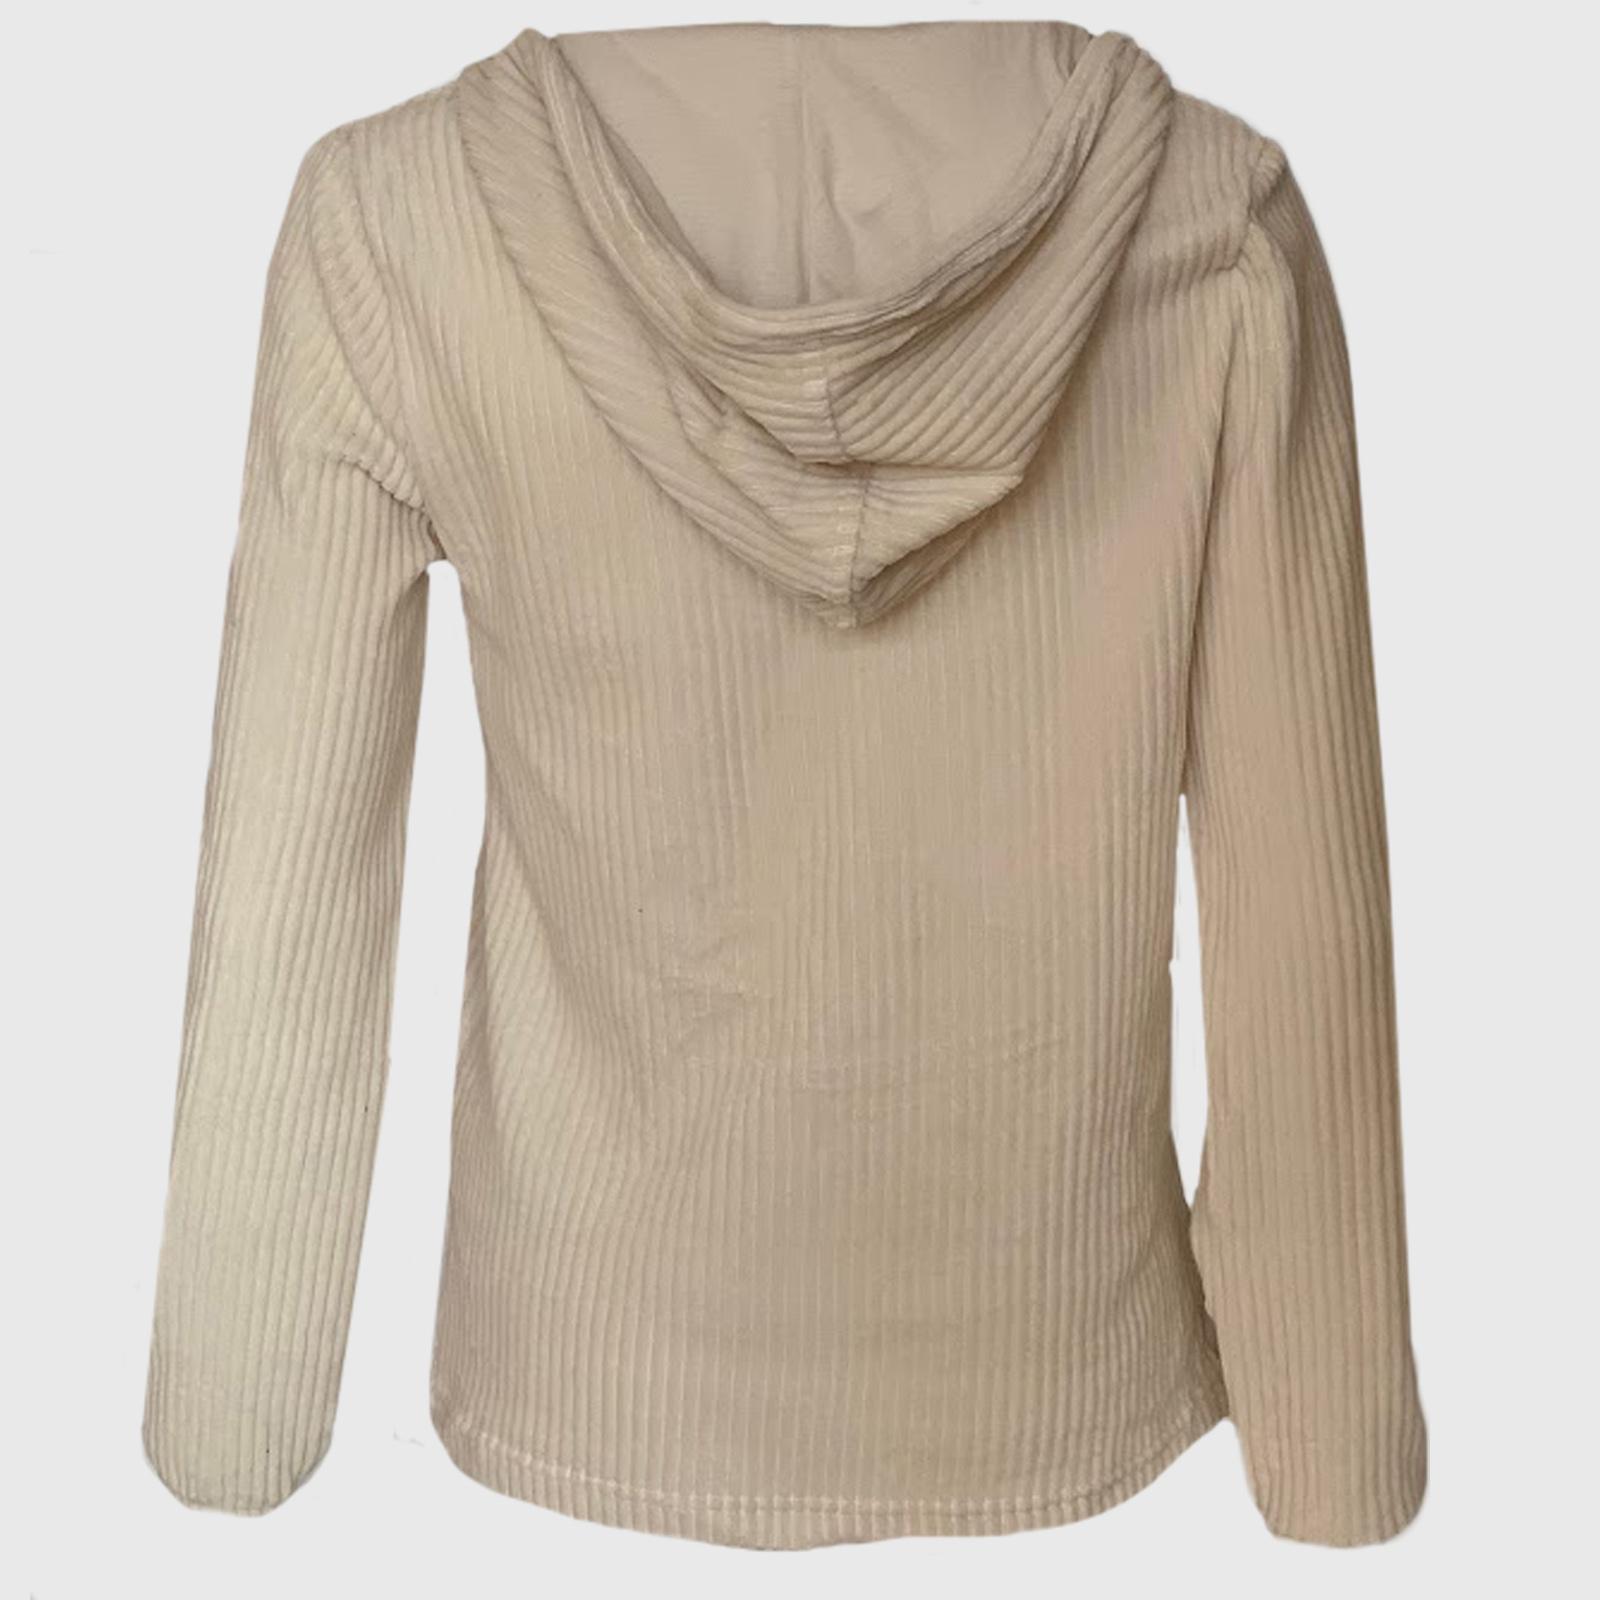 Купить в интернет магазине женскую кофту худи с карманом